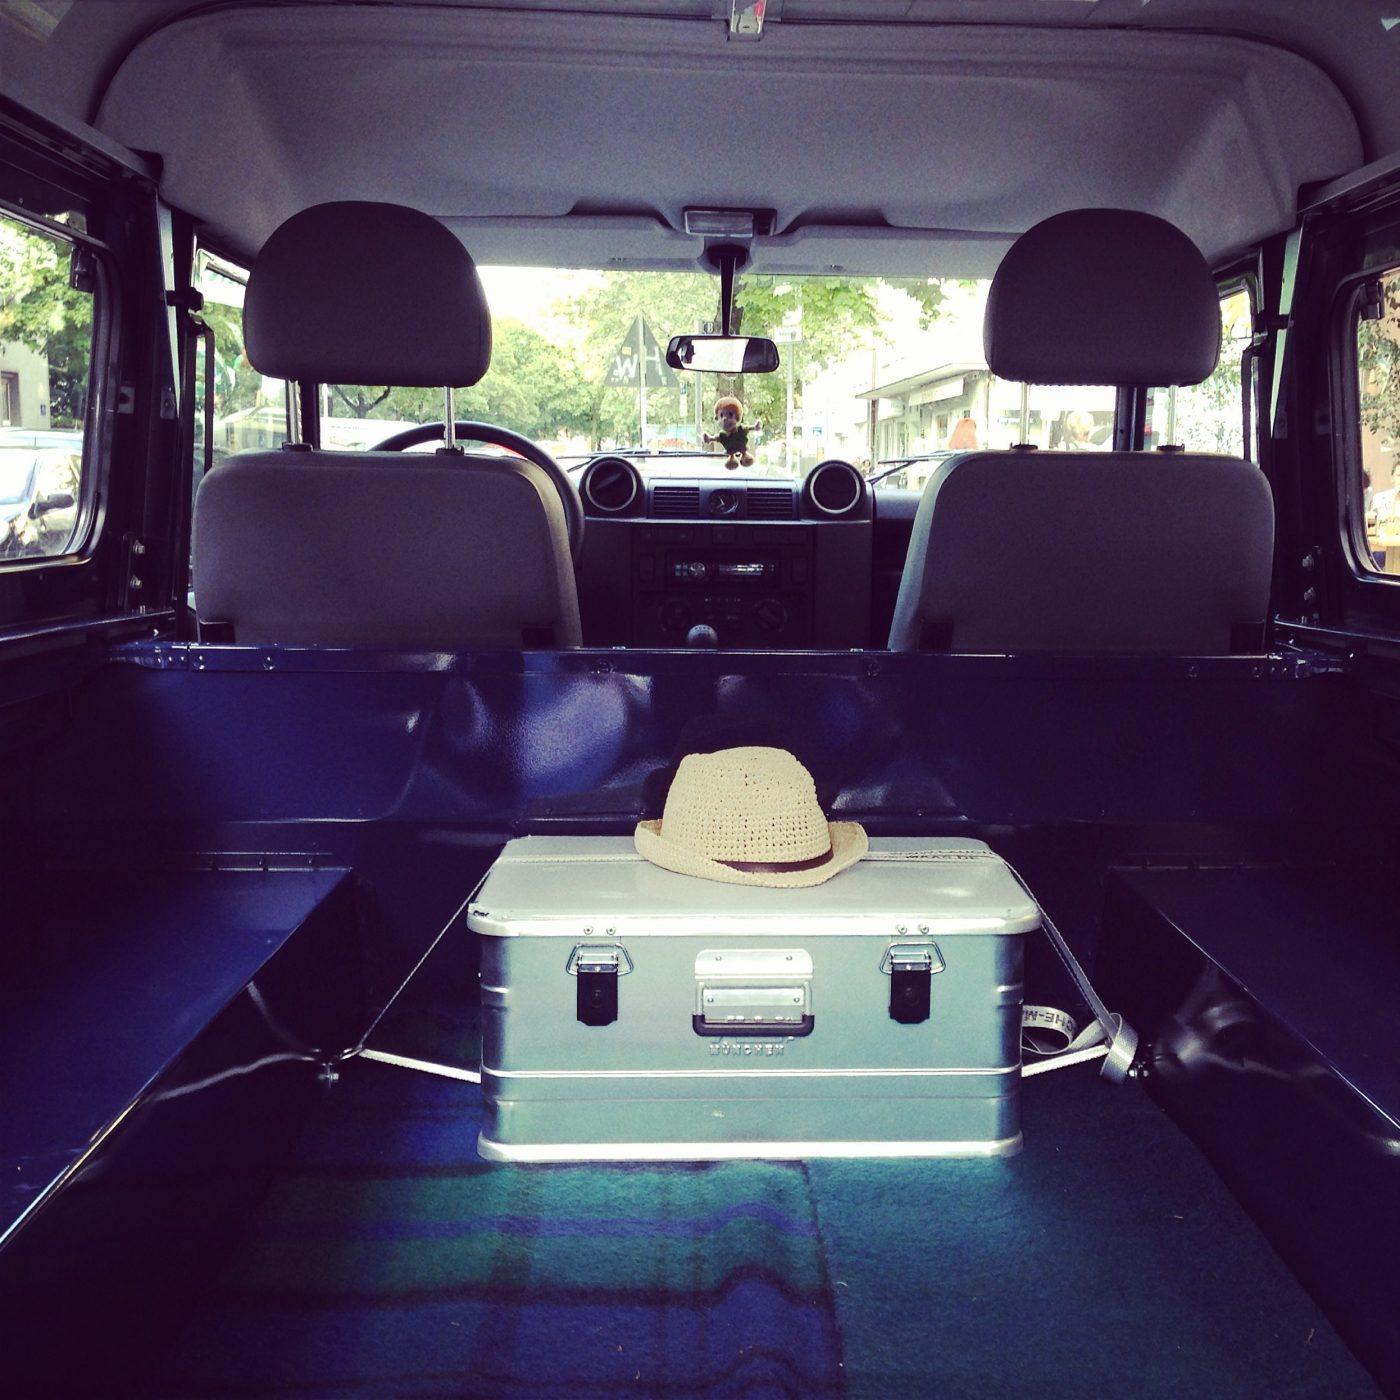 Land Rover Ausbau - die erste Box macht das Auto schon zum Reisemobil